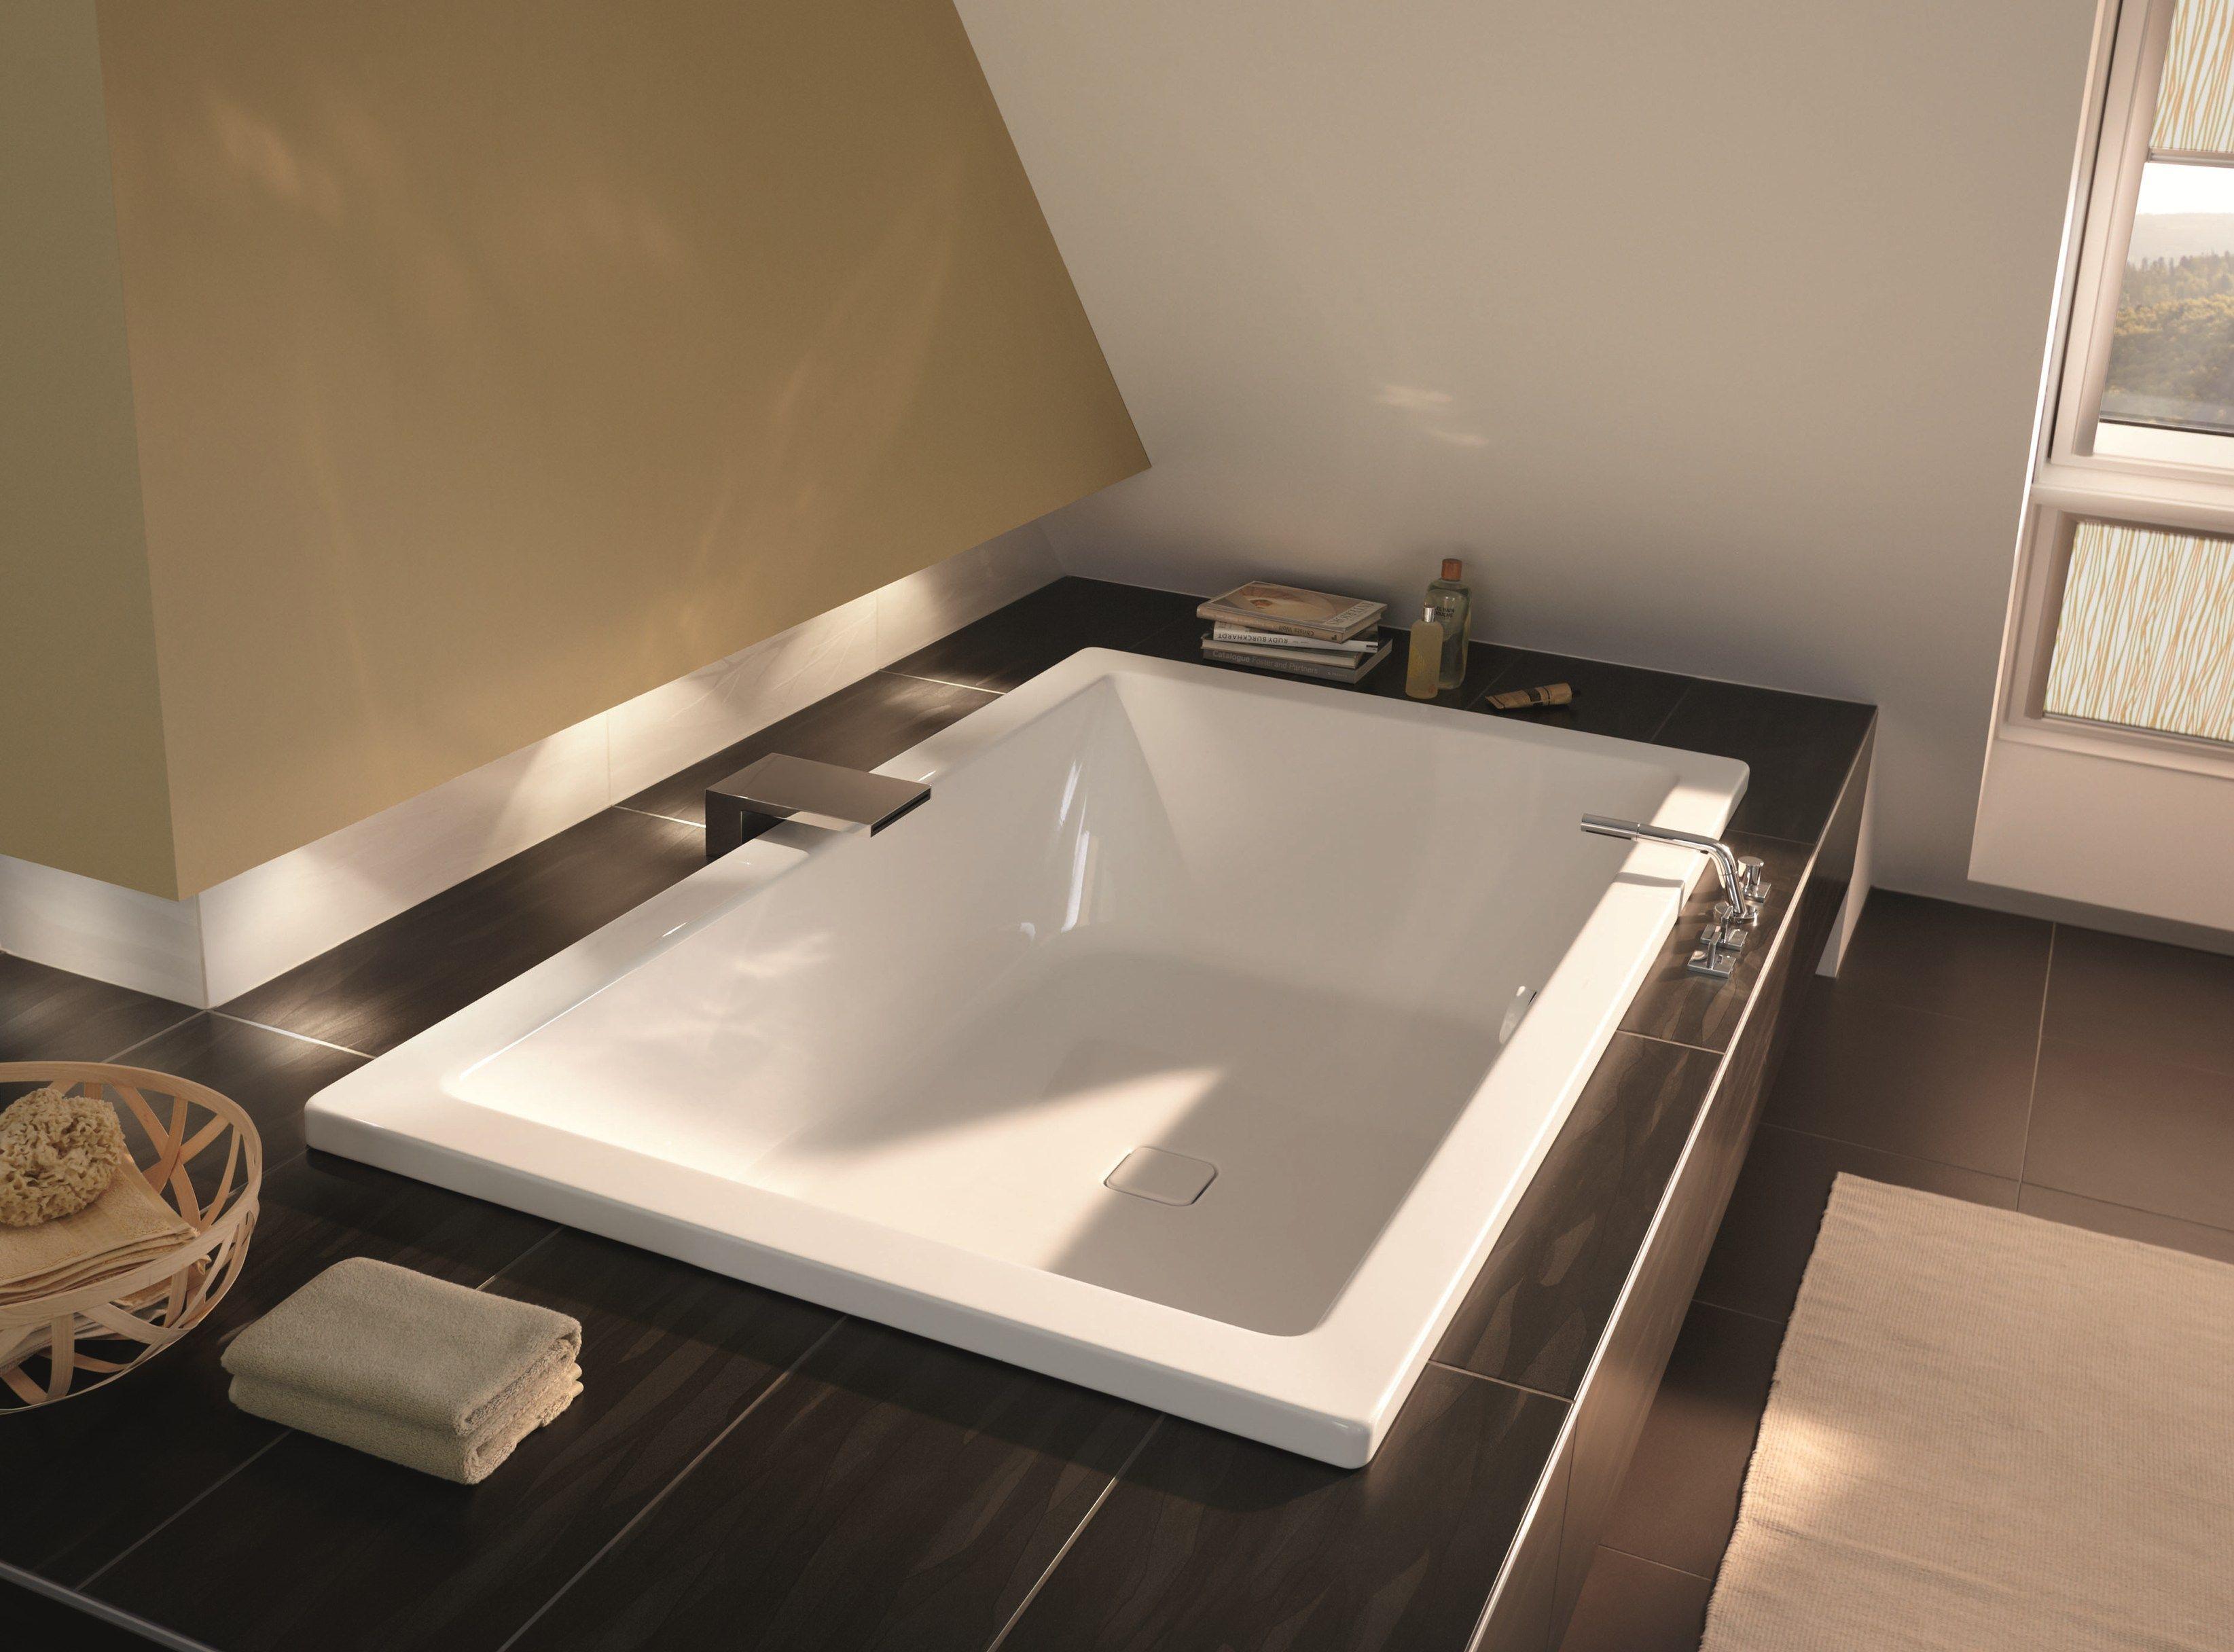 Whirlpool Badewanne Test mit schöne design für ihr wohnideen